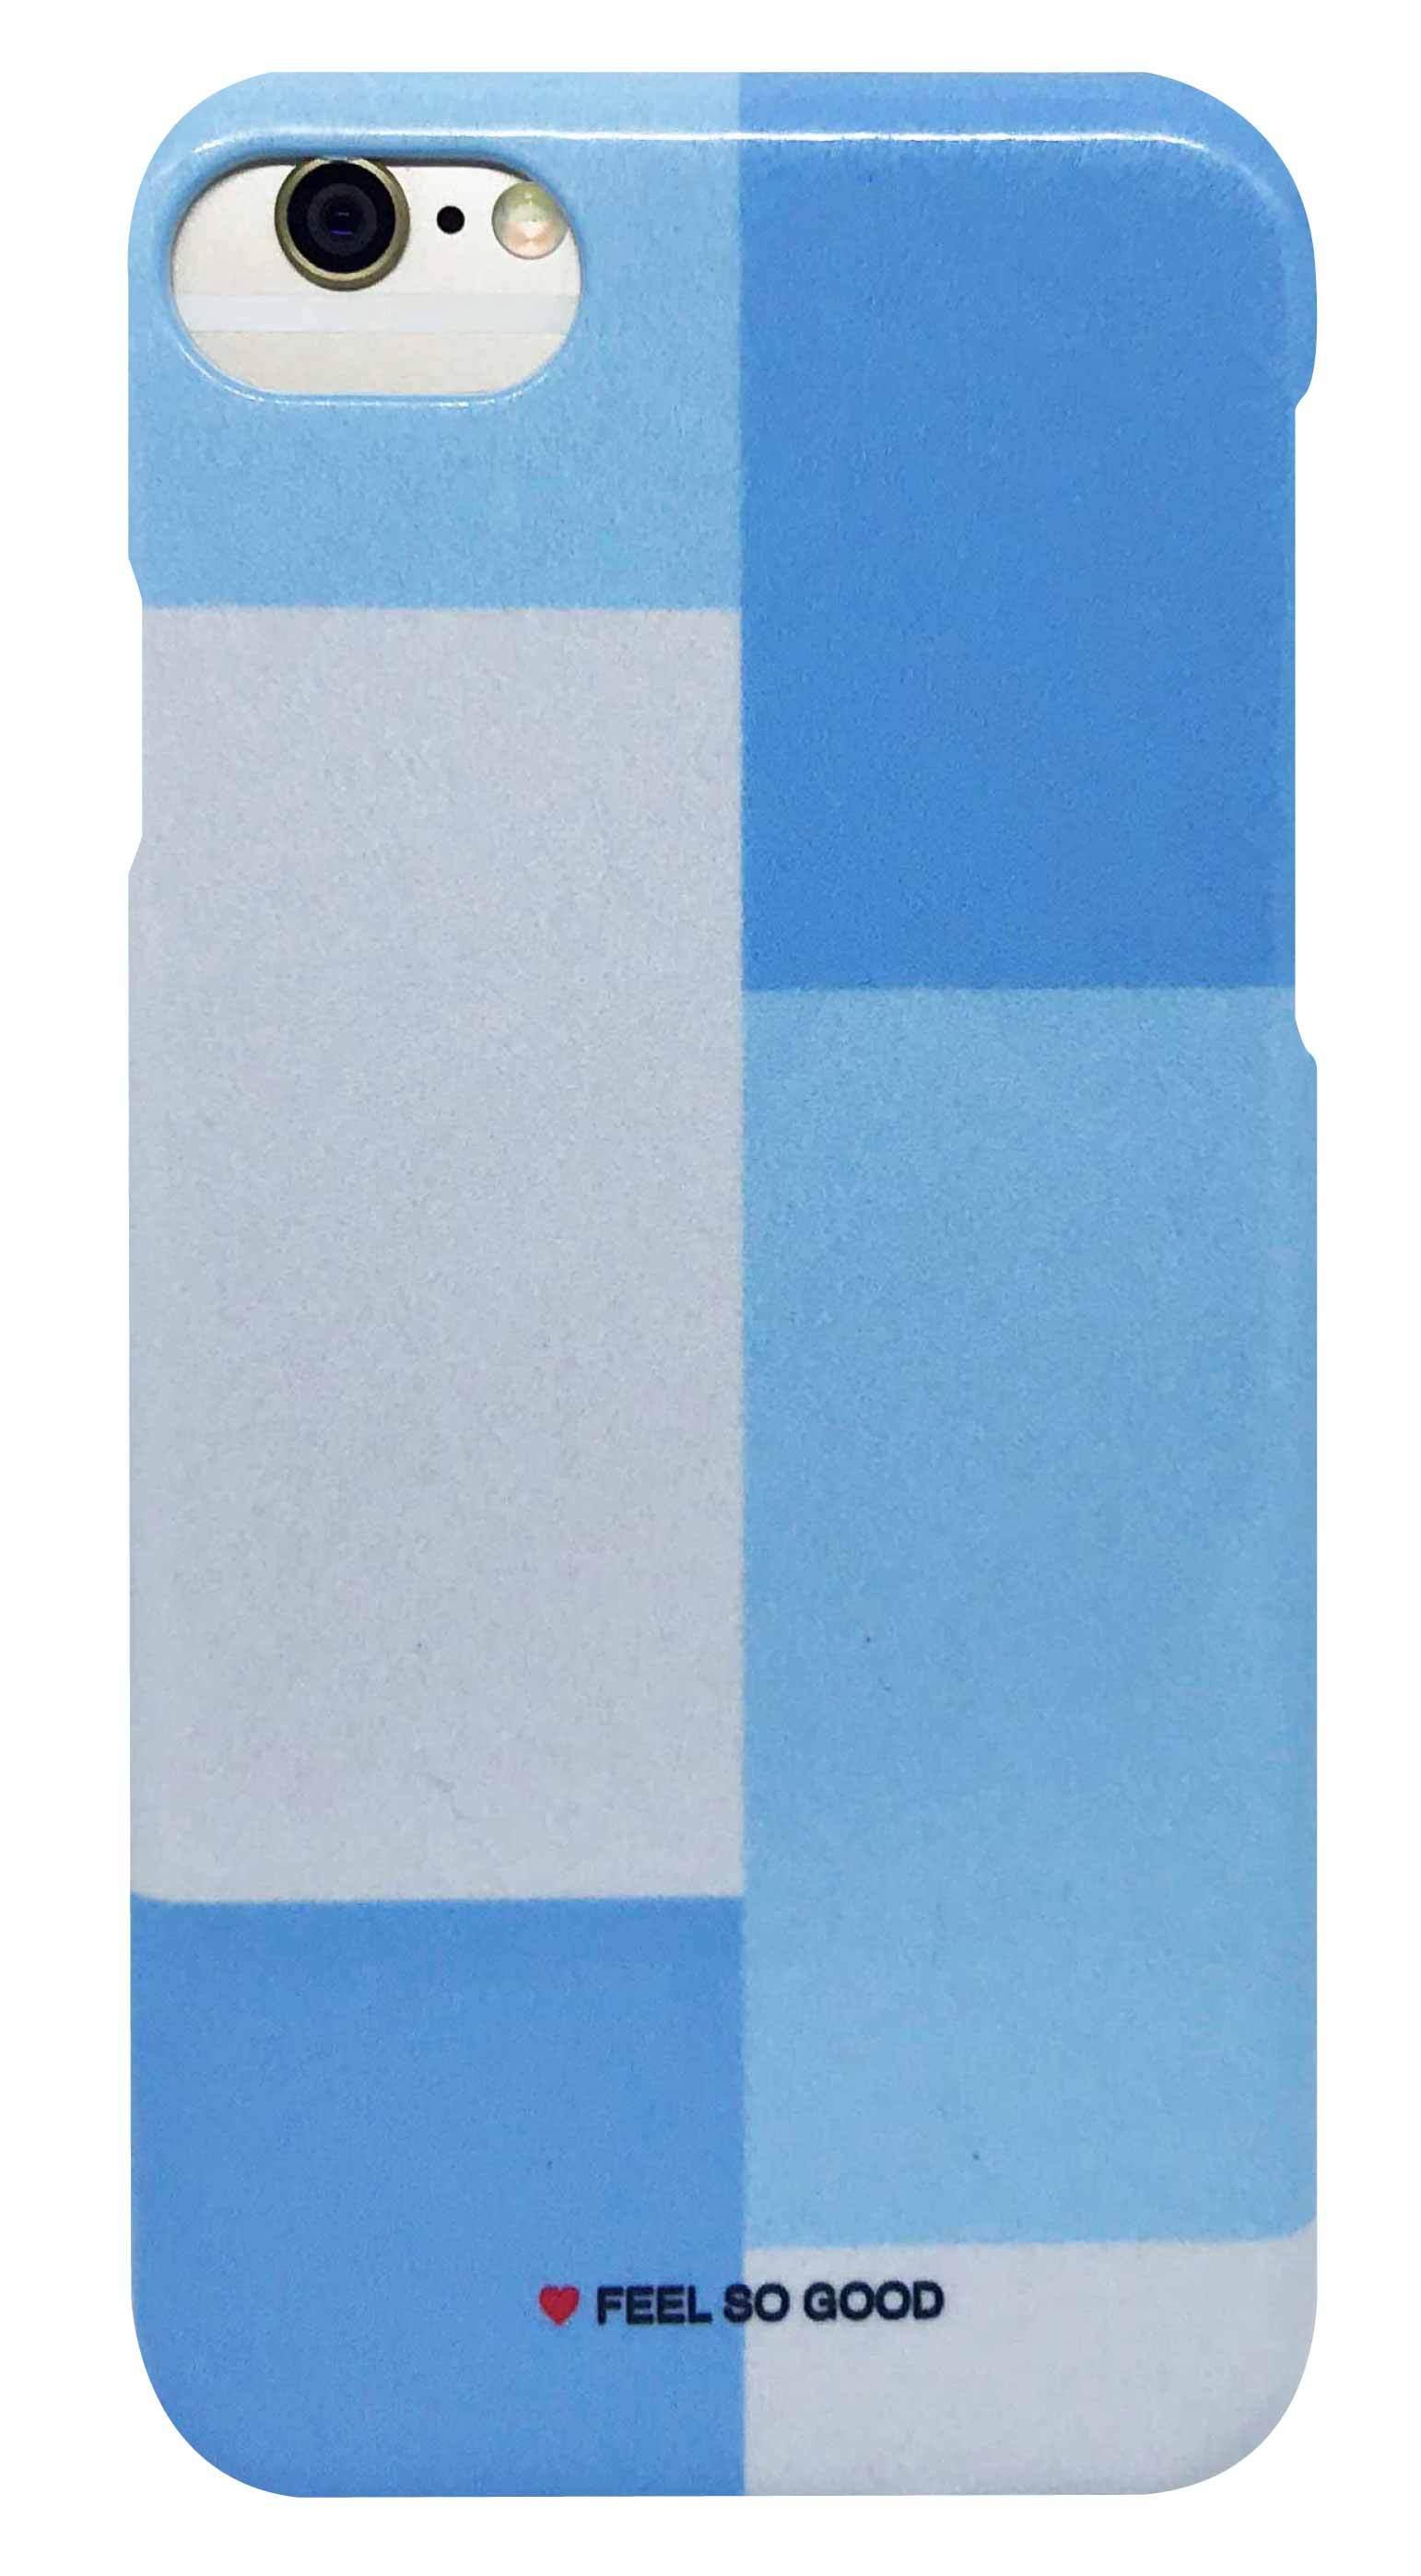 パネル カラー ・ グレー × 青 つや有りハードケース